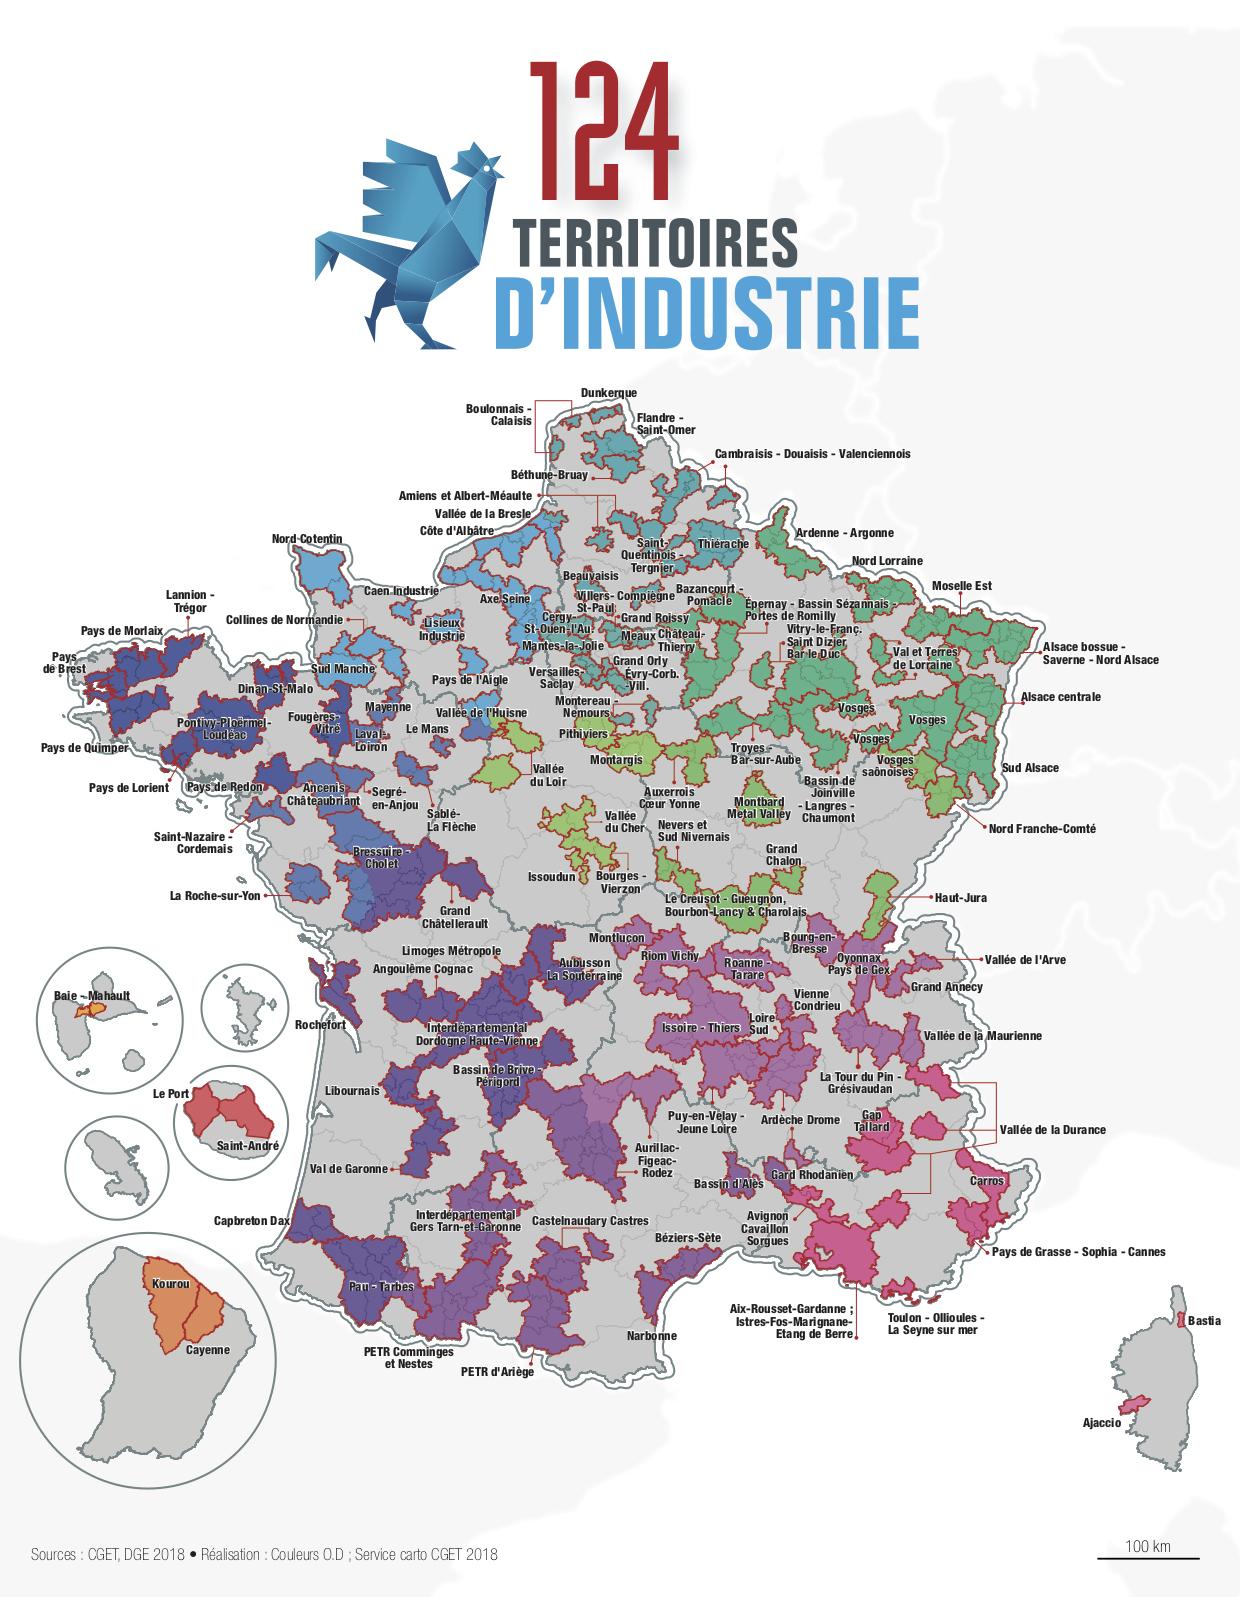 Economie En Outre-Mer : La Guadeloupe, La Guyane Et La intérieur Département D Outre Mer Carte